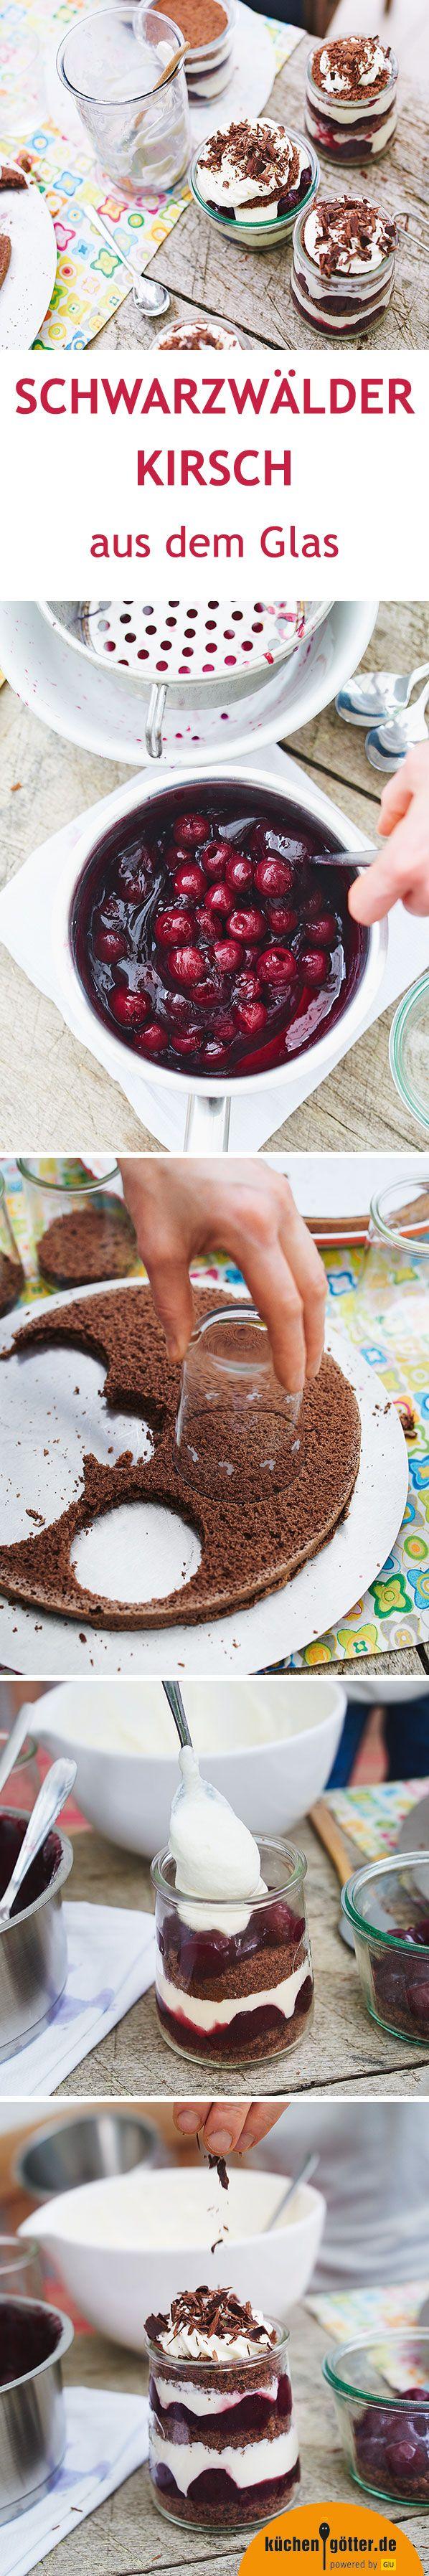 An eine Schwarzwälder Kirschtorte trauen sich viele nicht ran - aber diese Dessert-Variante im Glas ist ganz einfach und dazu in nur einer halben Stunde auf den Tisch gezaubert. So beeindruckt man Gäste!